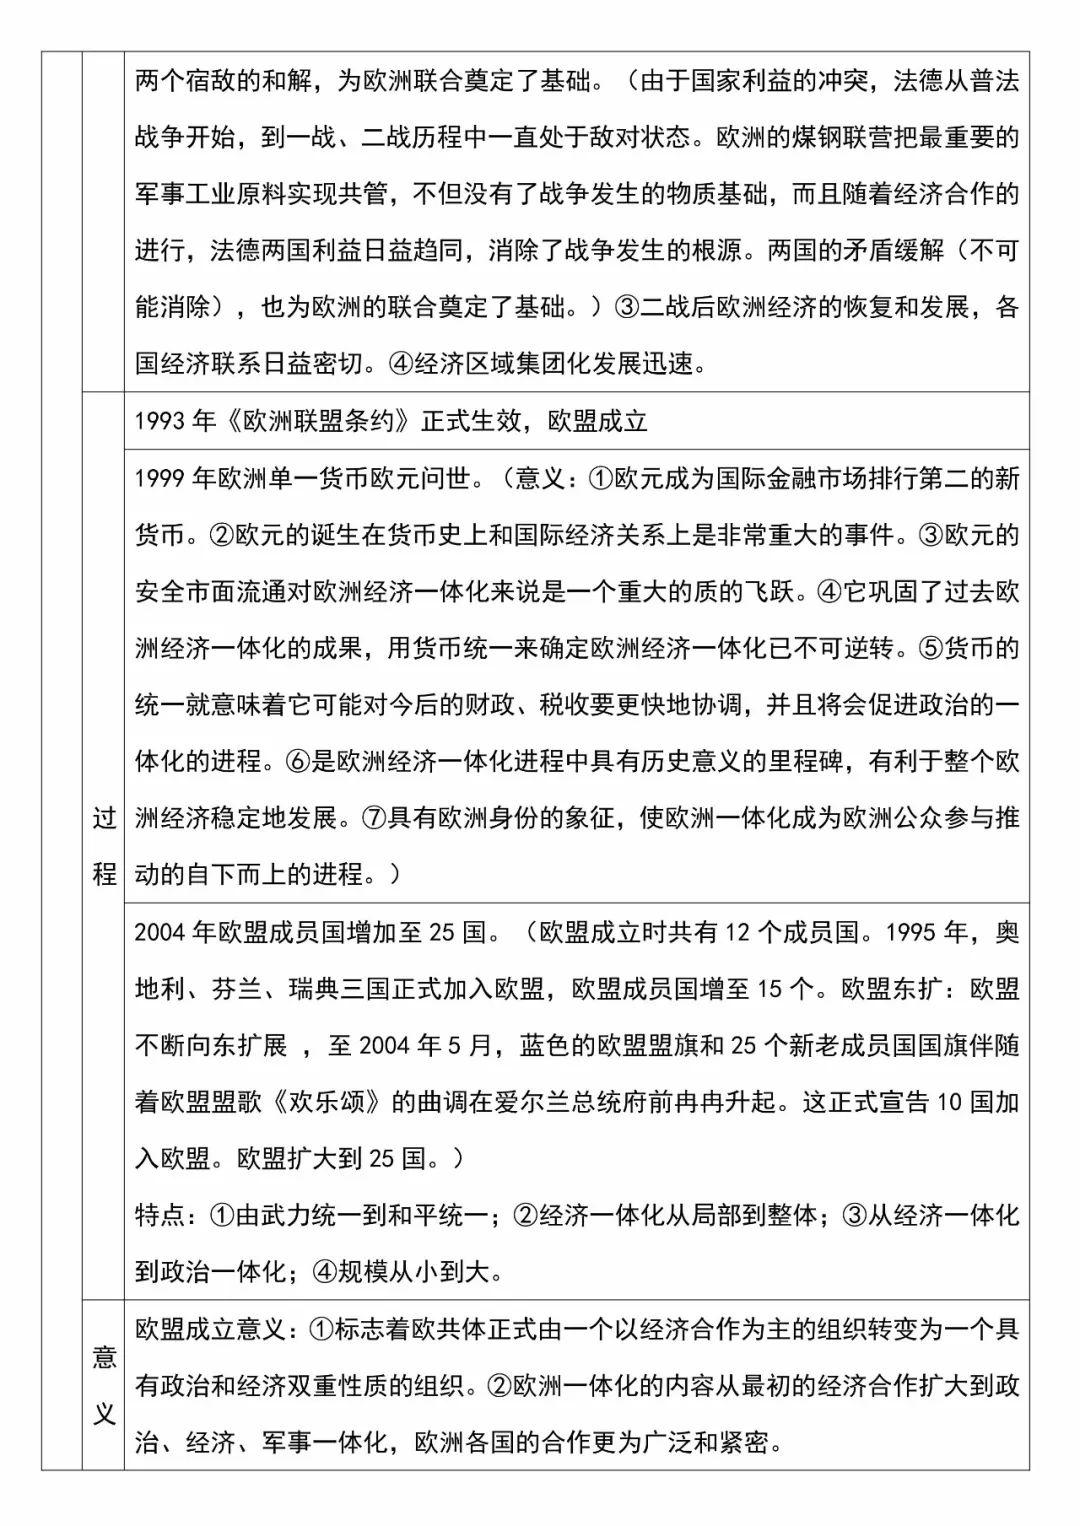 高中历史战后资本主义世界经济体系的形成考点分析整理